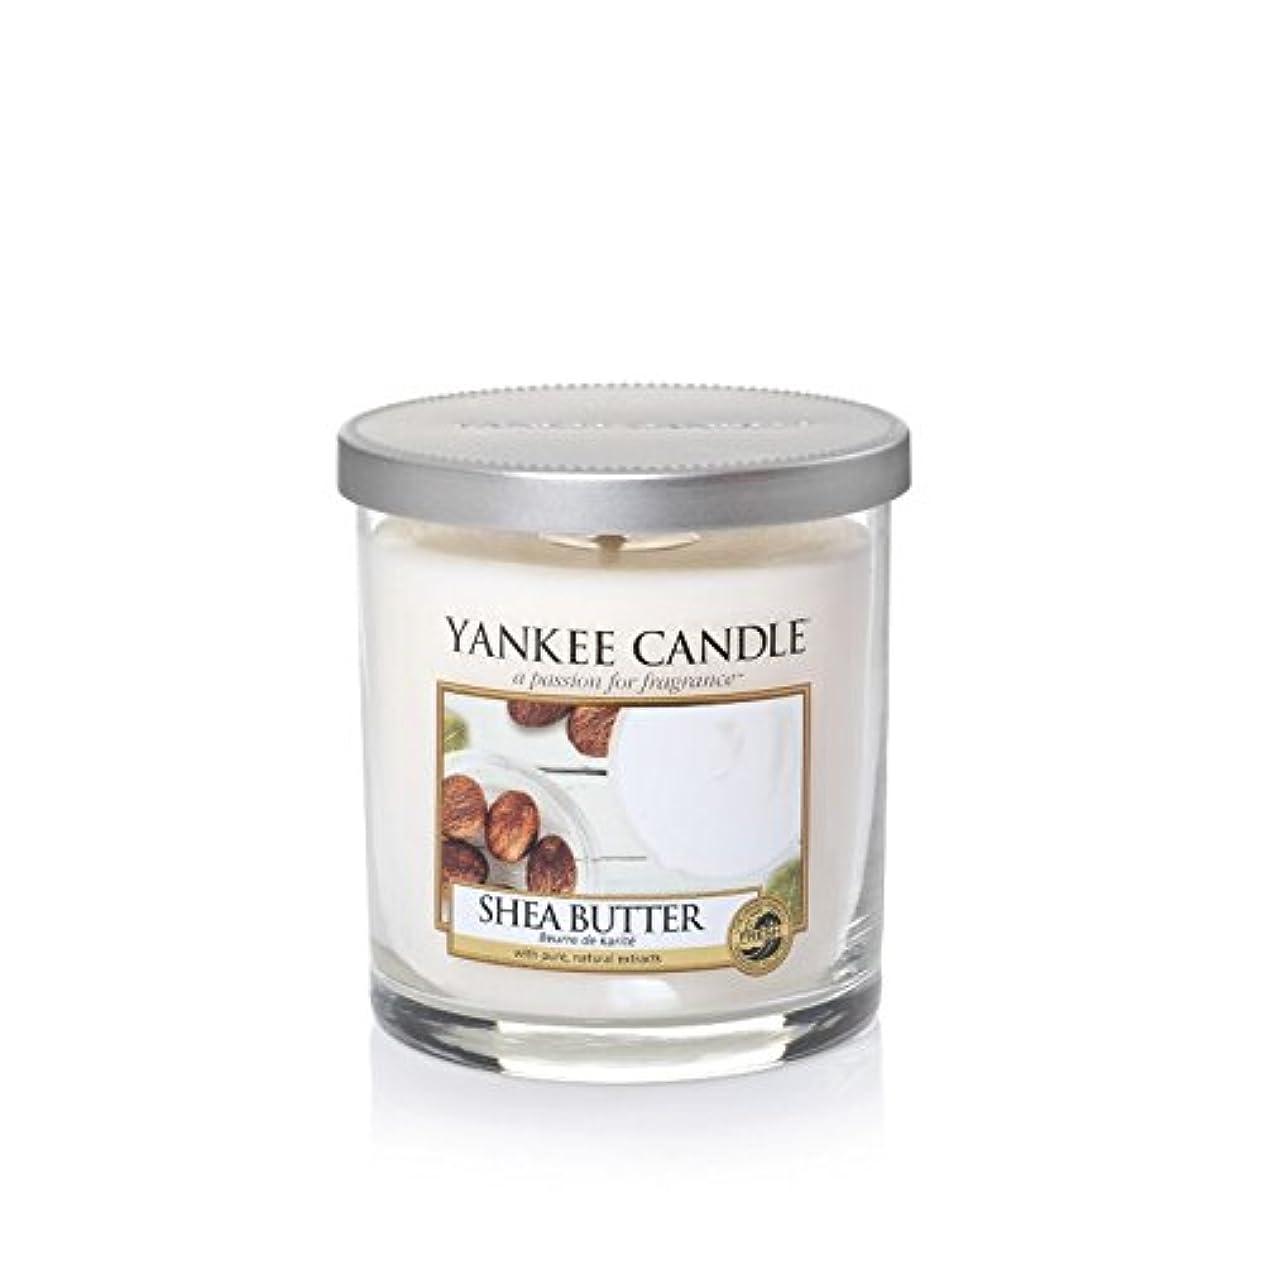 戸惑う暴力麻酔薬Yankee Candles Small Pillar Candle - Shea Butter (Pack of 2) - ヤンキーキャンドルの小さな柱キャンドル - シアバター (x2) [並行輸入品]